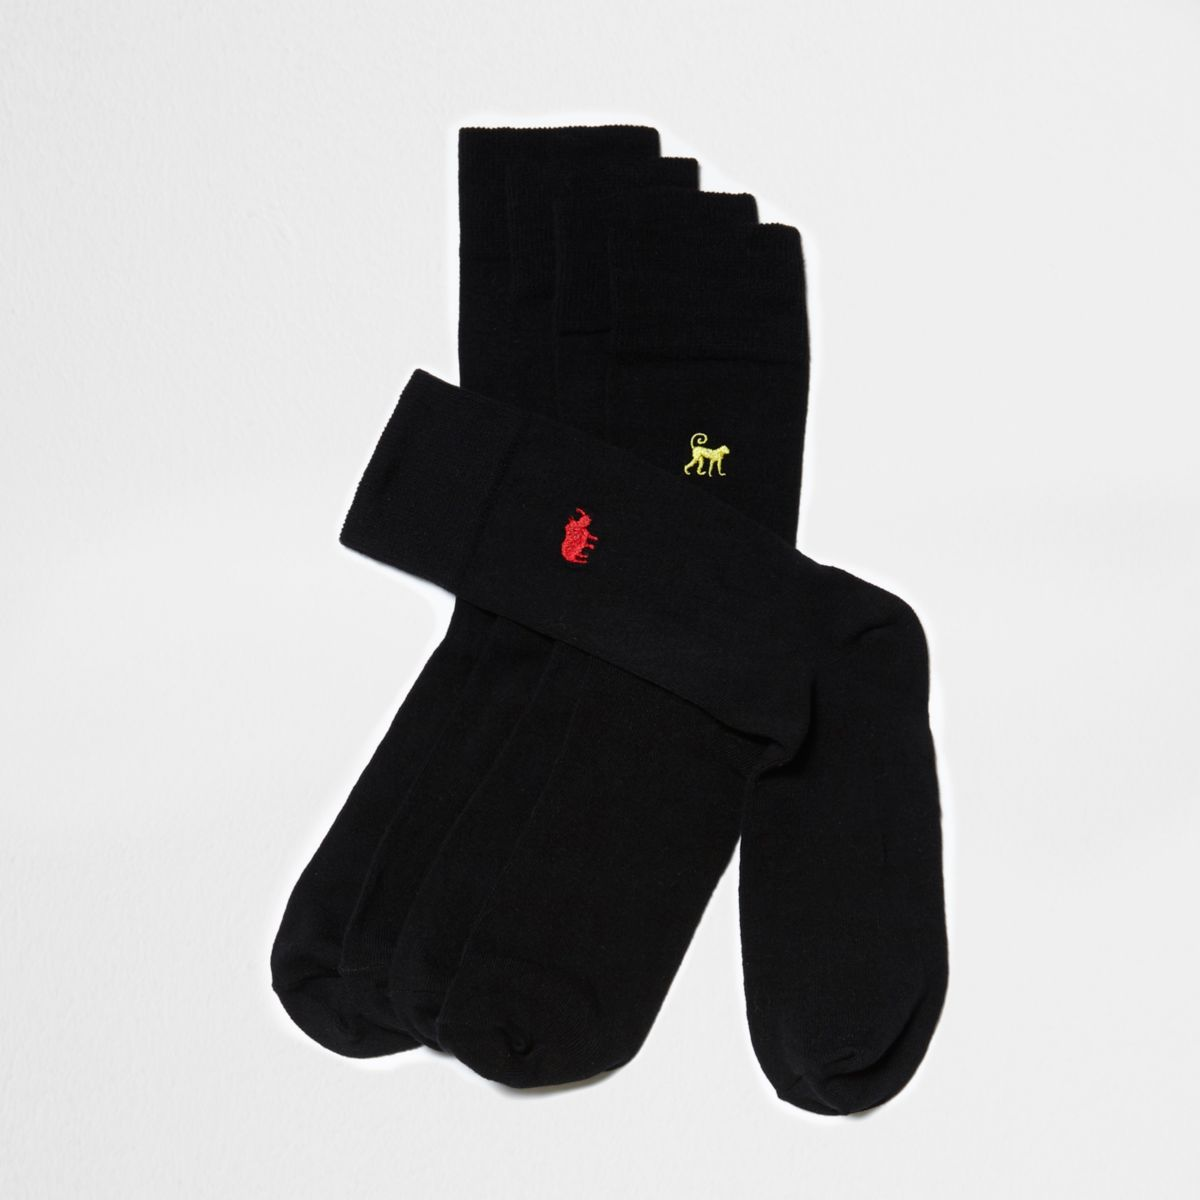 Lot de chaussettes noires avec motif animal brodé